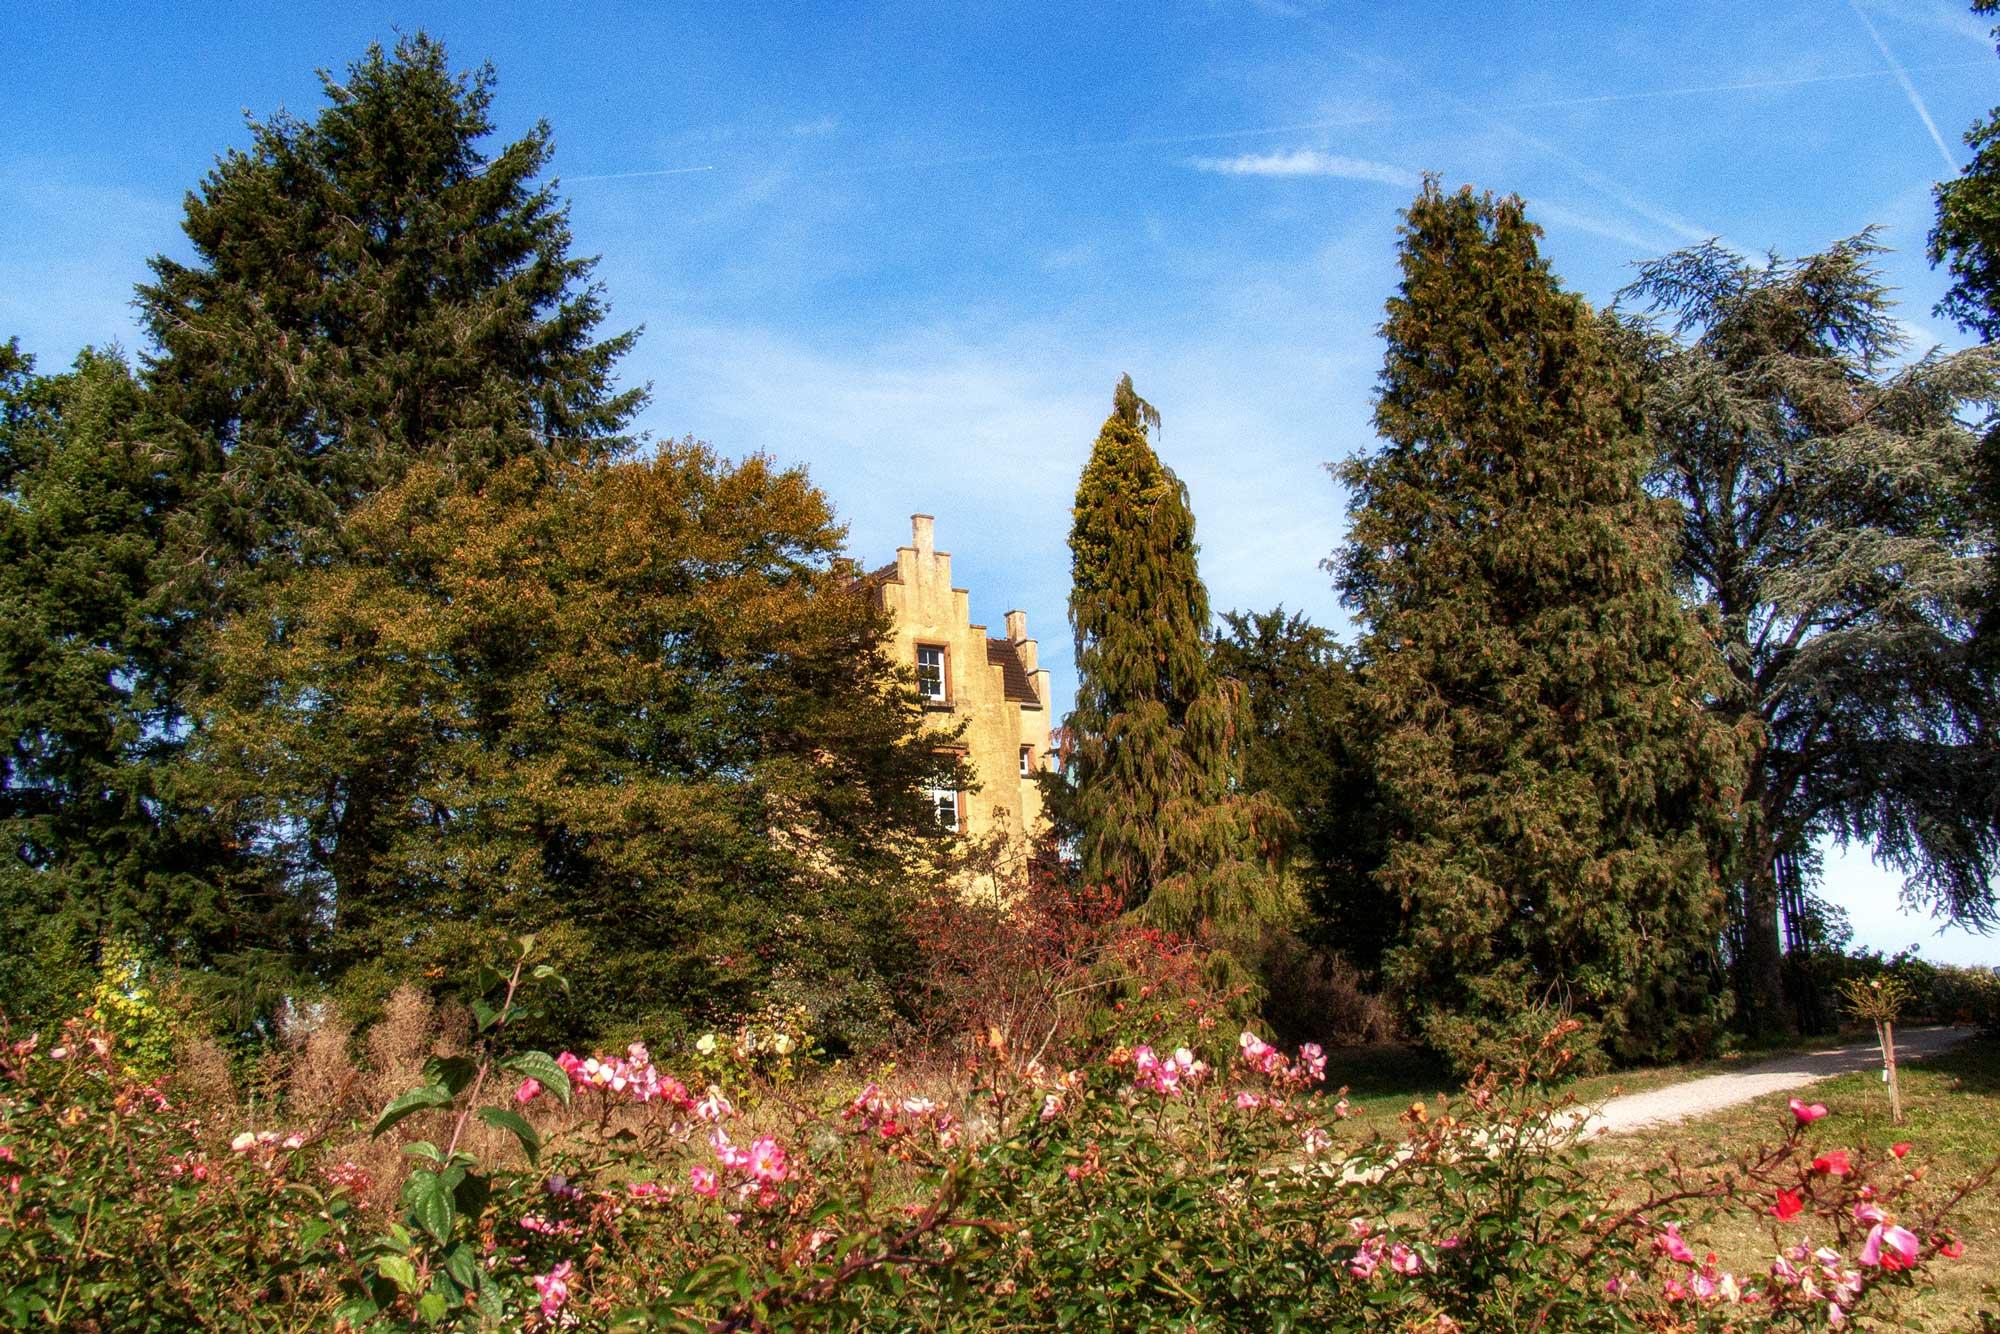 Darmstadt: Sieben-Hügel-Steig, Rosenhöhe